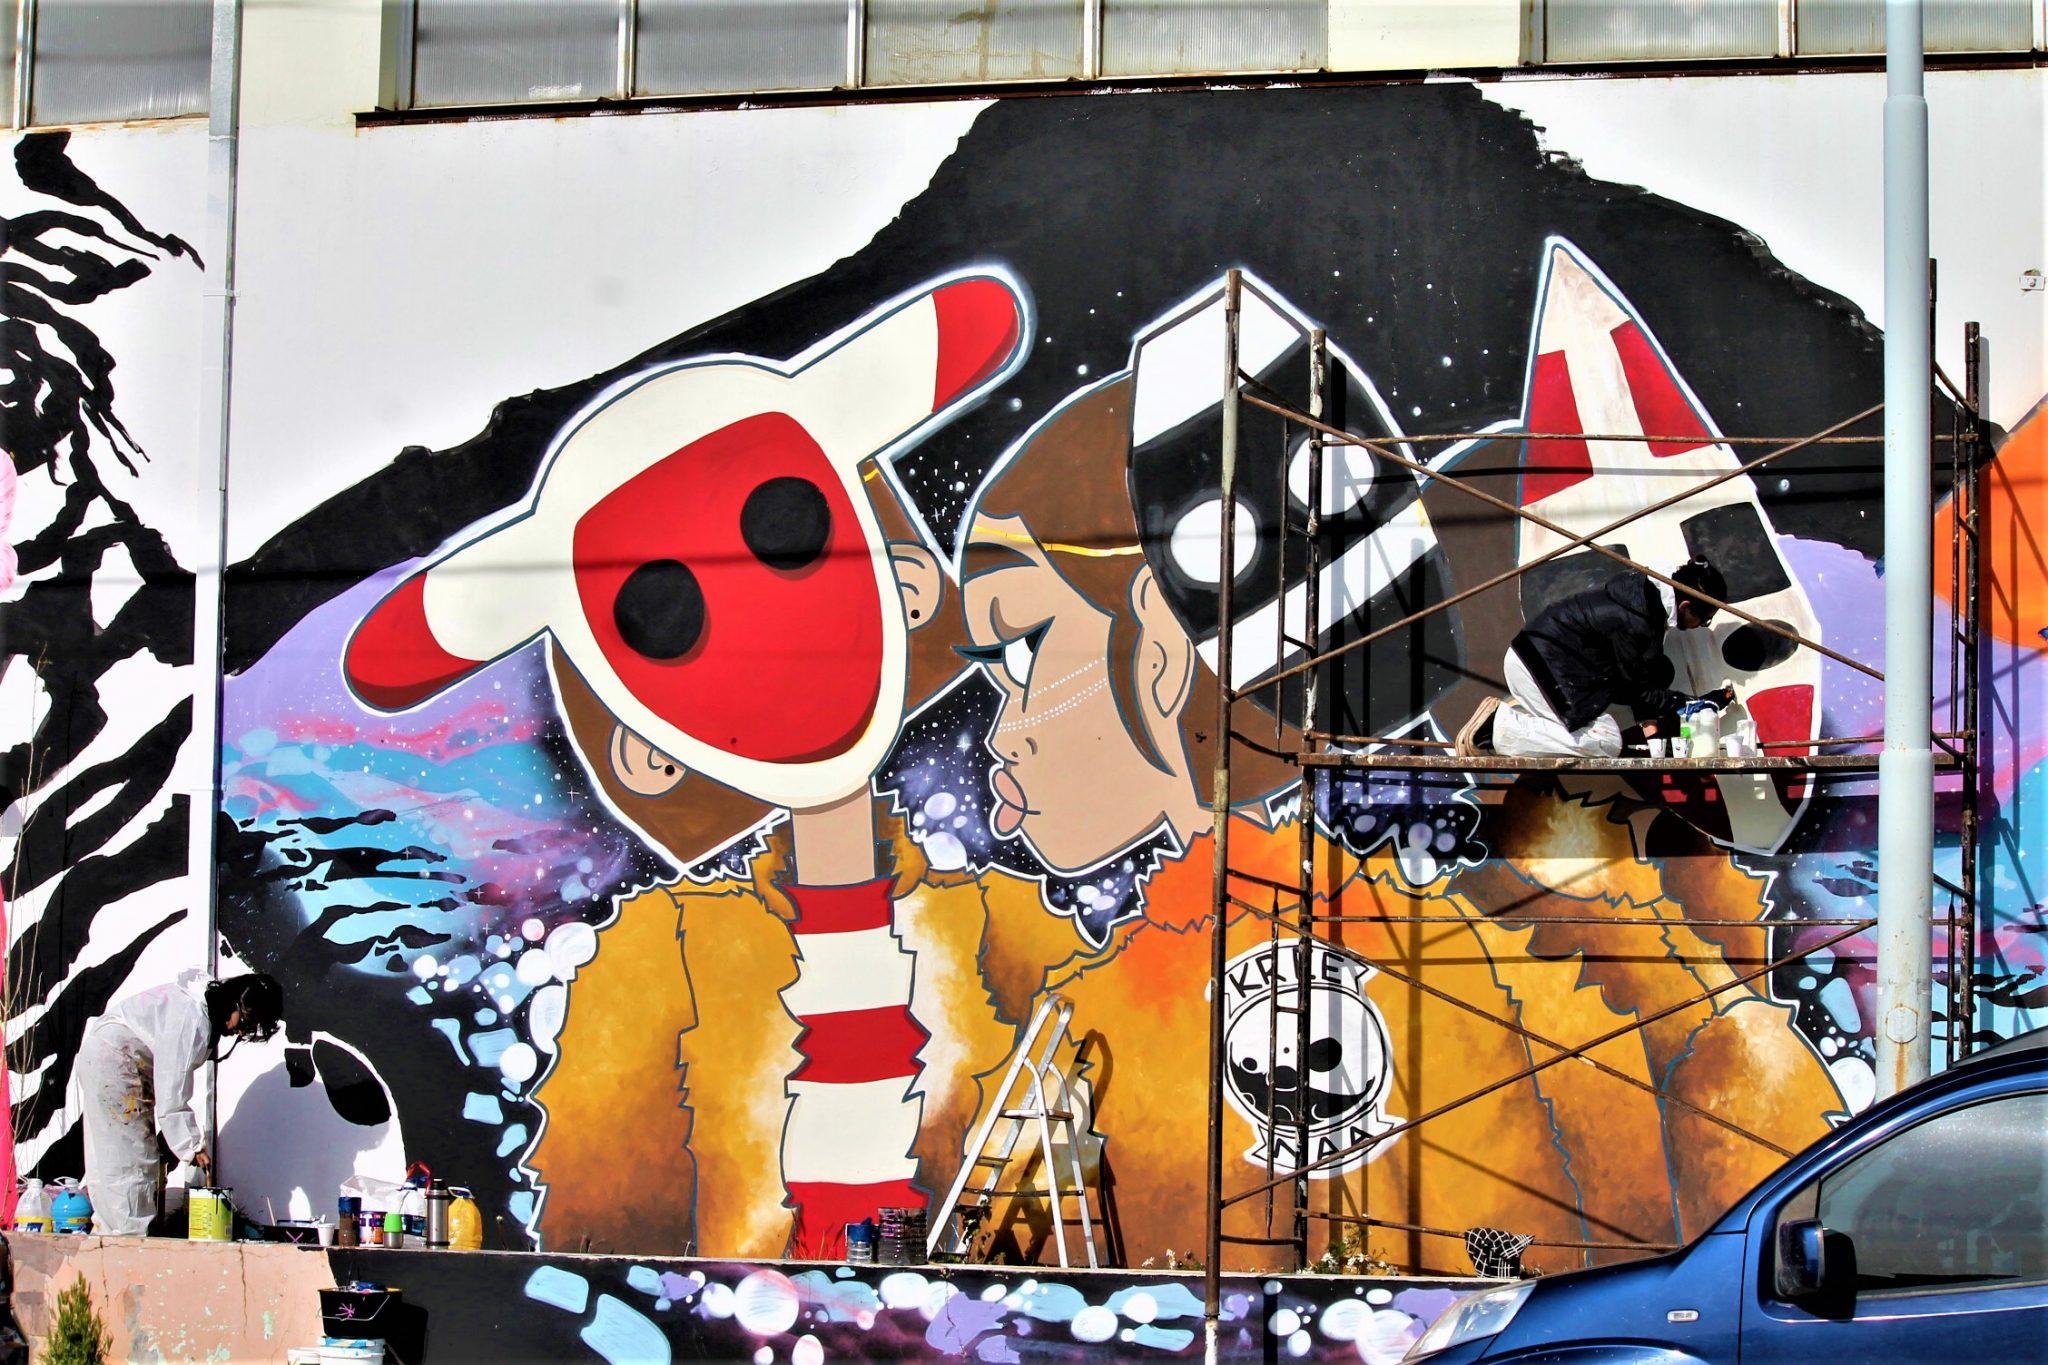 FESTIVAL DE ARTE PÚBLICO URBANO CURVA, arte urbano